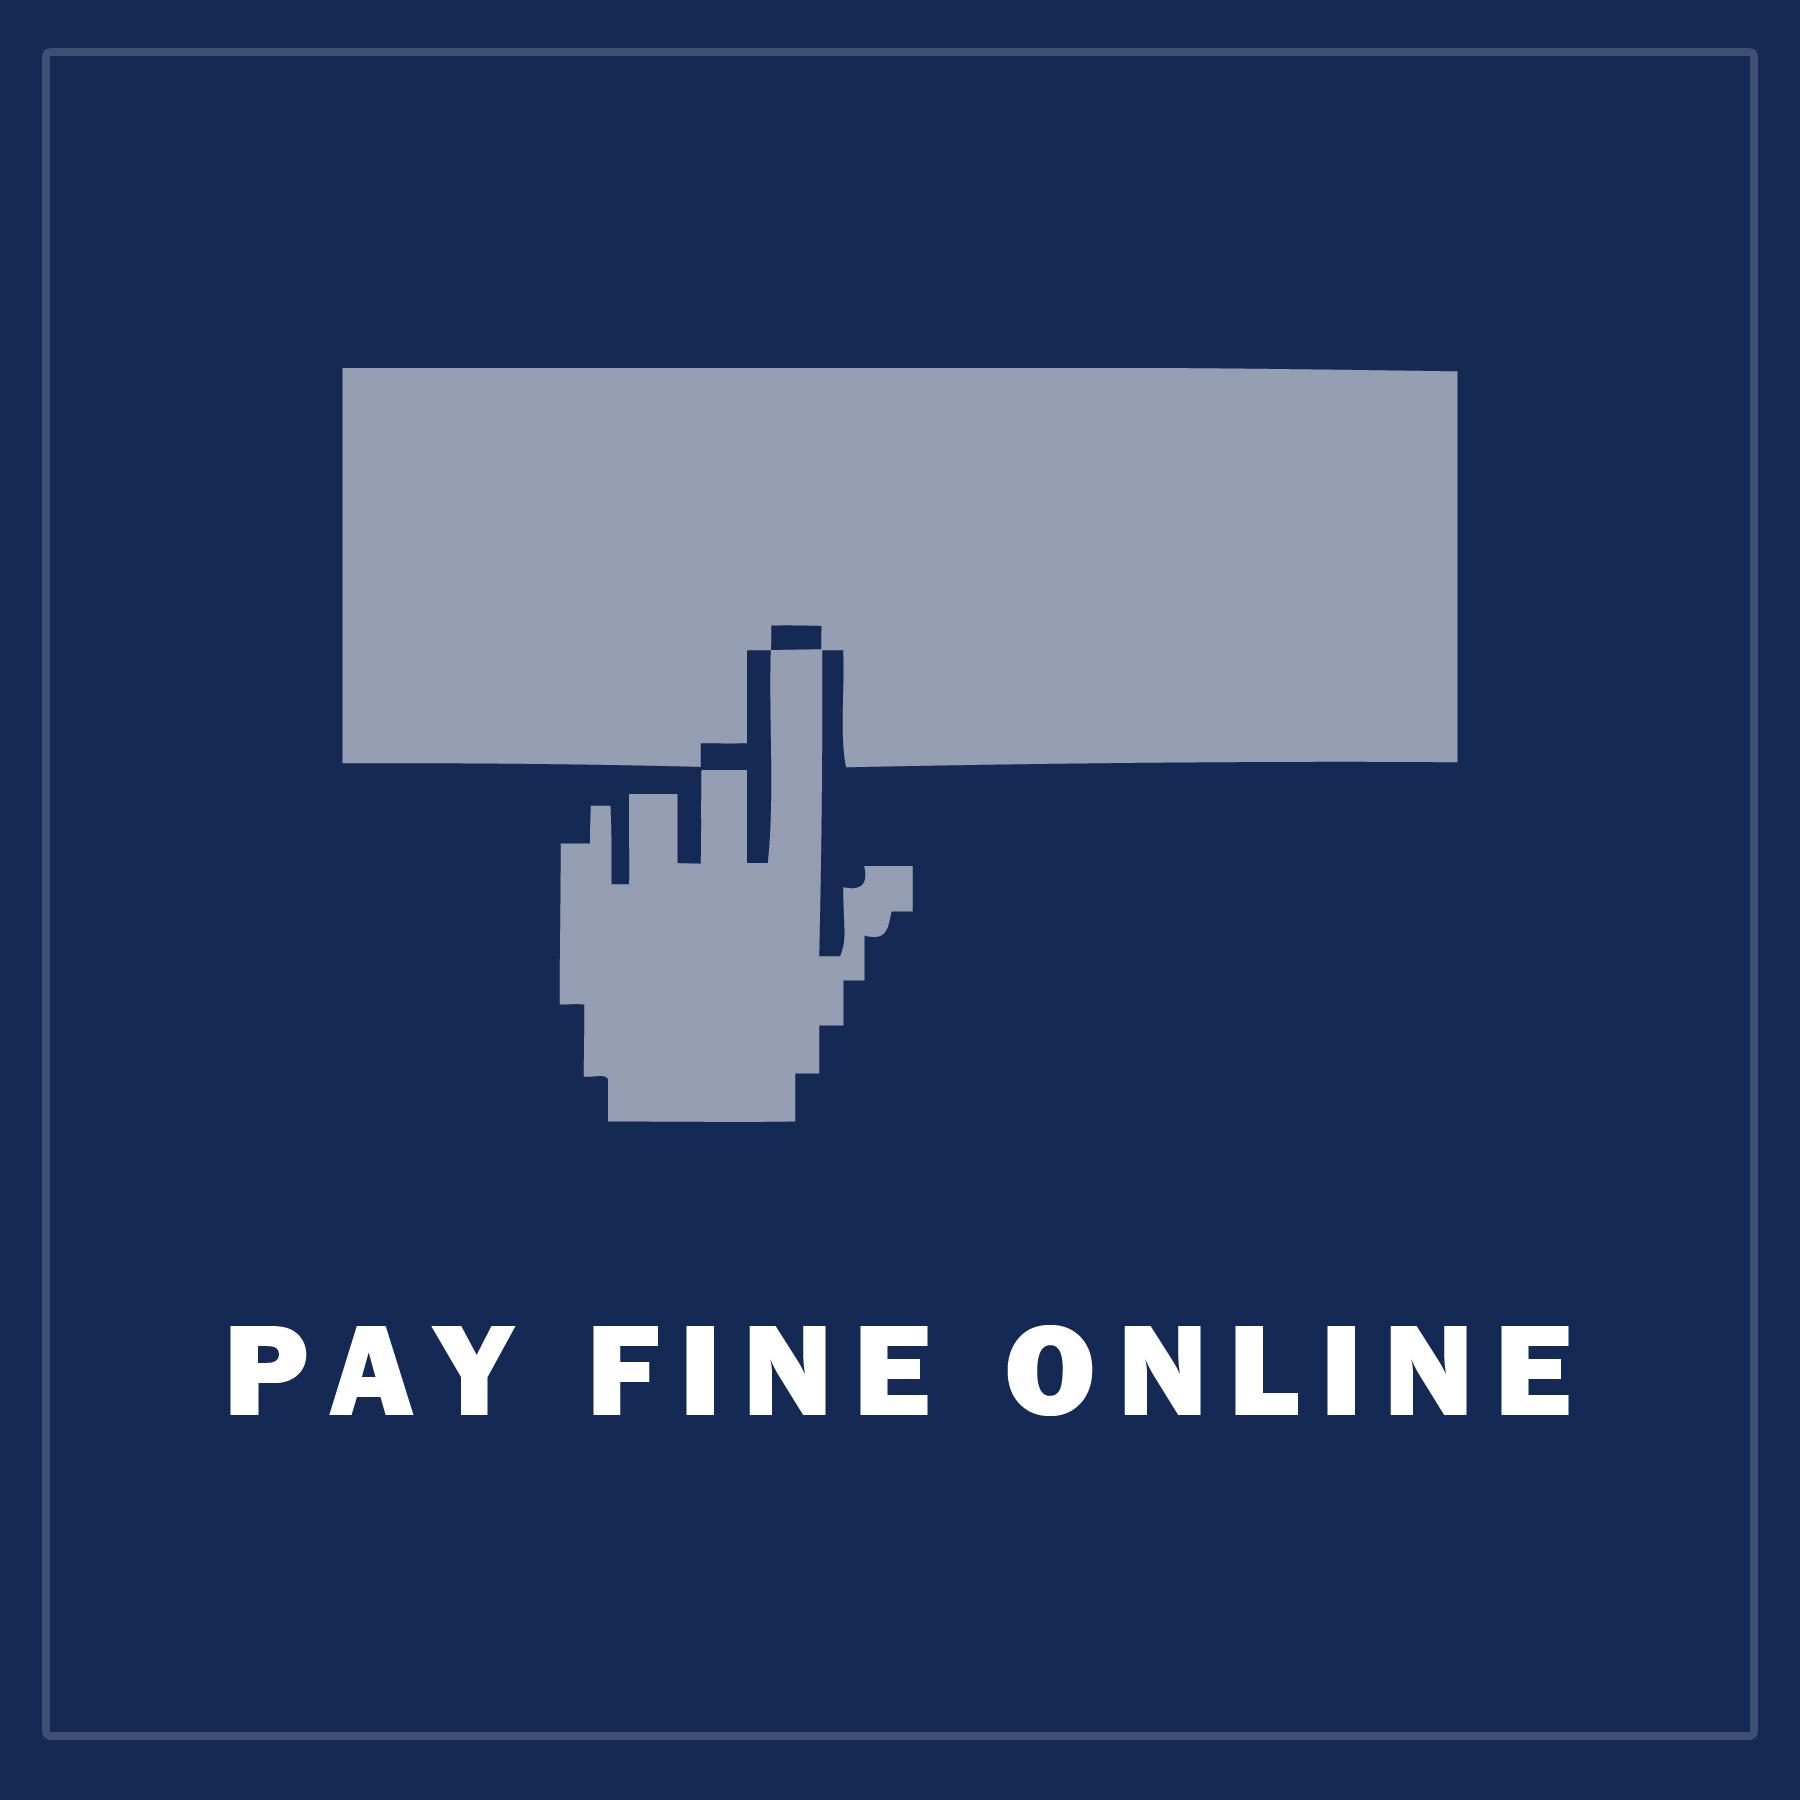 payfineonlinebutton.jpg